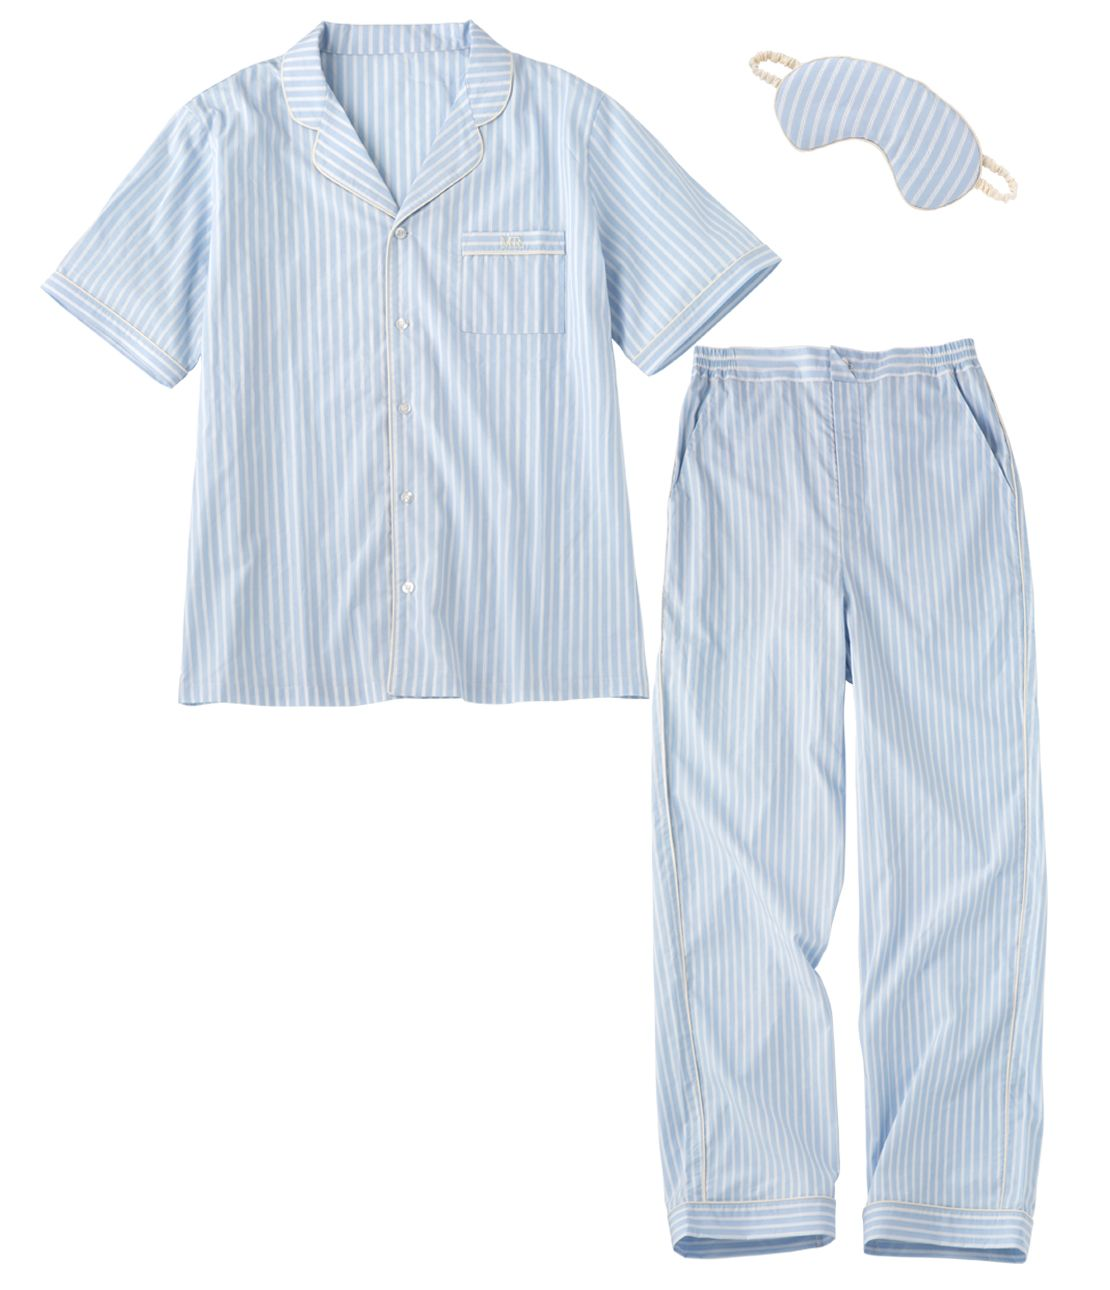 男式棉襯衫睡衣套裝